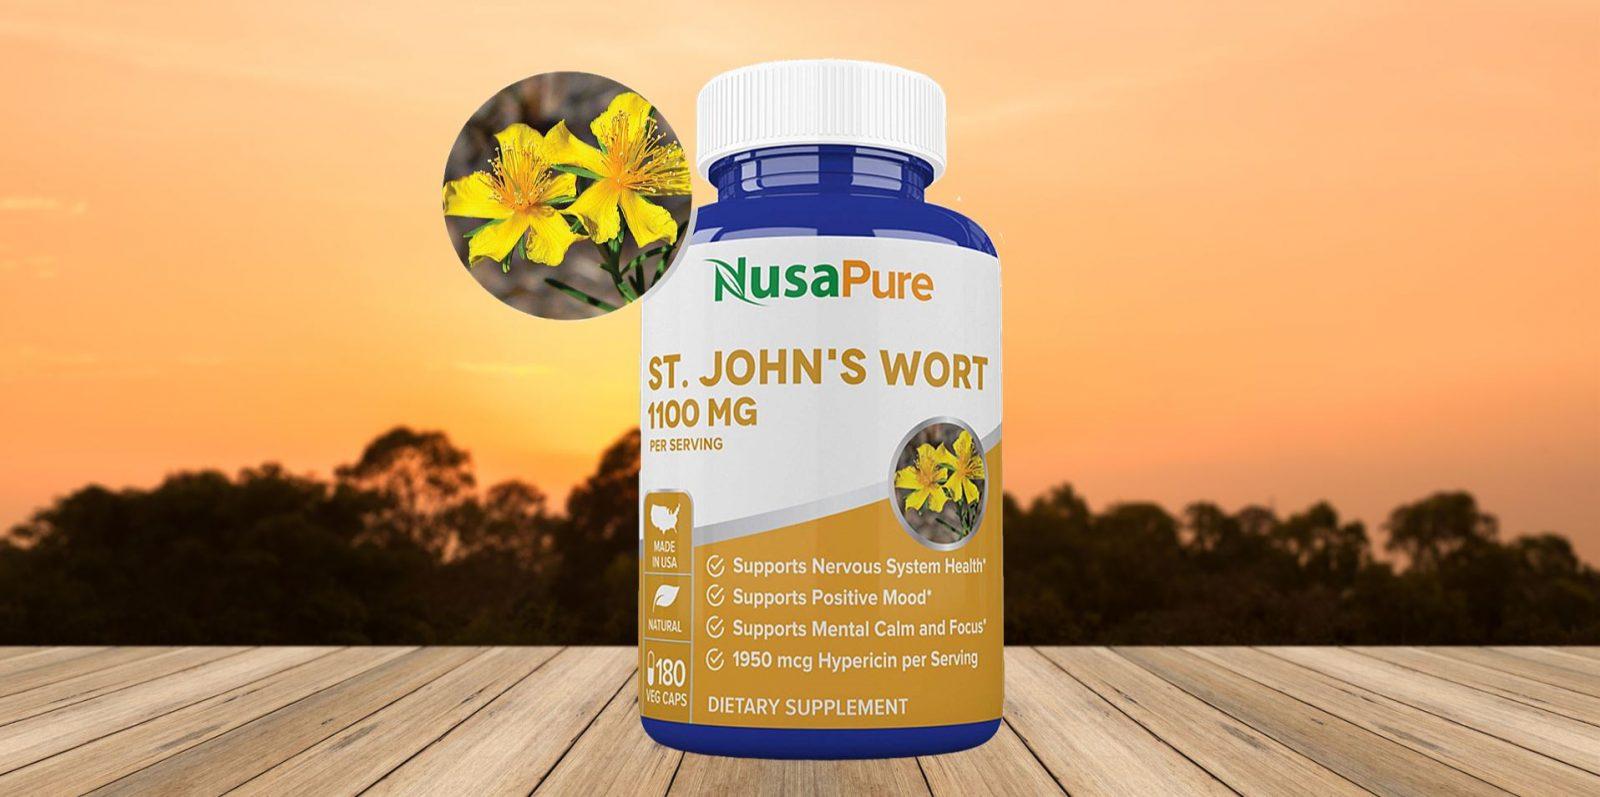 NusaPure St. John's Wort Veggie Capsules